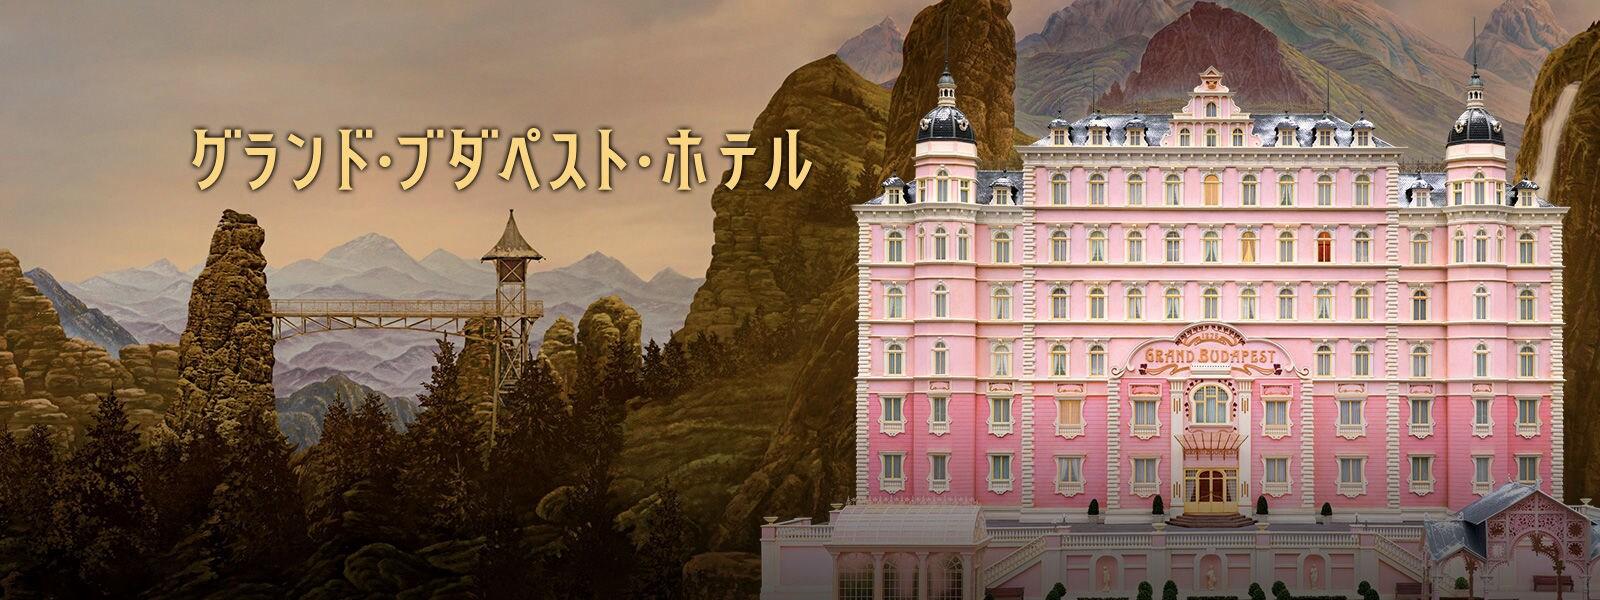 グランド・ブダペスト・ホテル|The Grand Budapest Hotel Hero Object